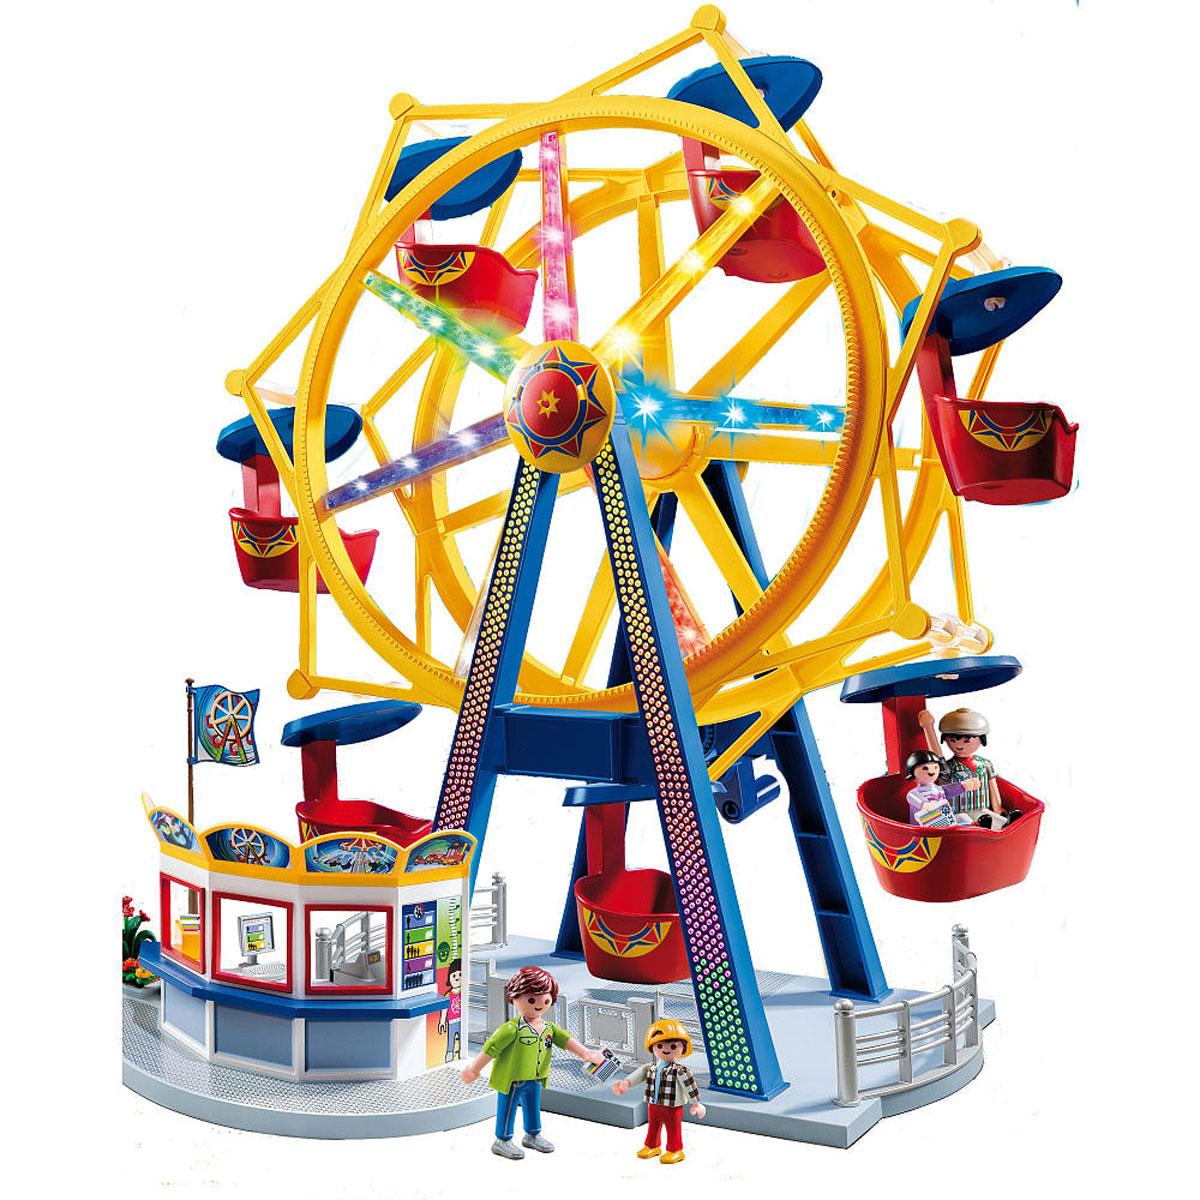 Playmobil Игровой набор Колесо обозрения с огнями5552Игровой набор Playmobil Колесо обозрения с огнями обязательно понравится вашему ребенку. Он выполнен из безопасного пластика и включает фигурки двух взрослых и двух детей, колесо обозрения с 8 кабинками и аксессуары для увлекательной игры. Колесо обозрения сверкает огнями и приглашает прокатиться, чтобы увидеть город с высоты! При прокручивании ручки колесо начинает вращаться. У фигурок подвижные части тела. В одной кабине легко поместятся две фигурки. Ваш ребенок с удовольствием будет играть с набором, придумывая захватывающие истории. Рекомендуемый возраст: от 4 до 10 лет. Необходимо докупить 4 батарейки напряжением 1,5V типа ААА (не входят в комплект).